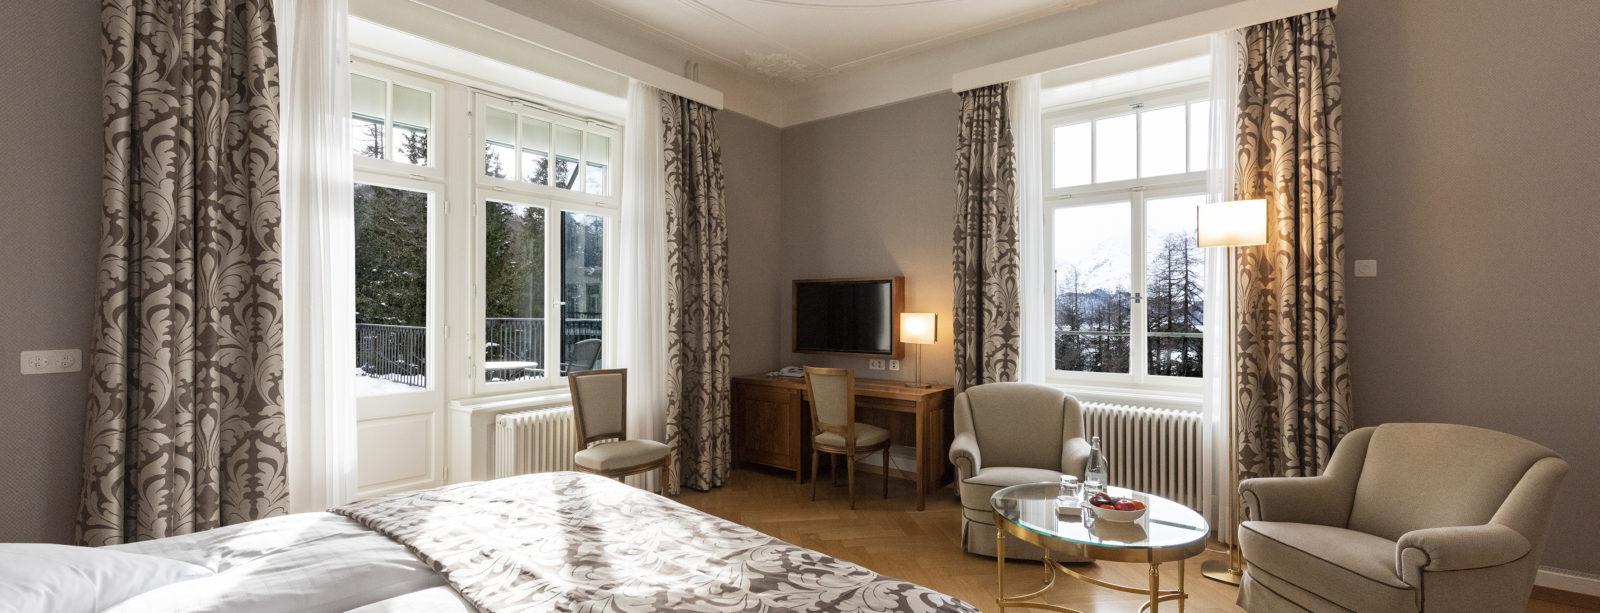 Doppelzimmer mit Seesicht - Hotel Waldhaus Sils